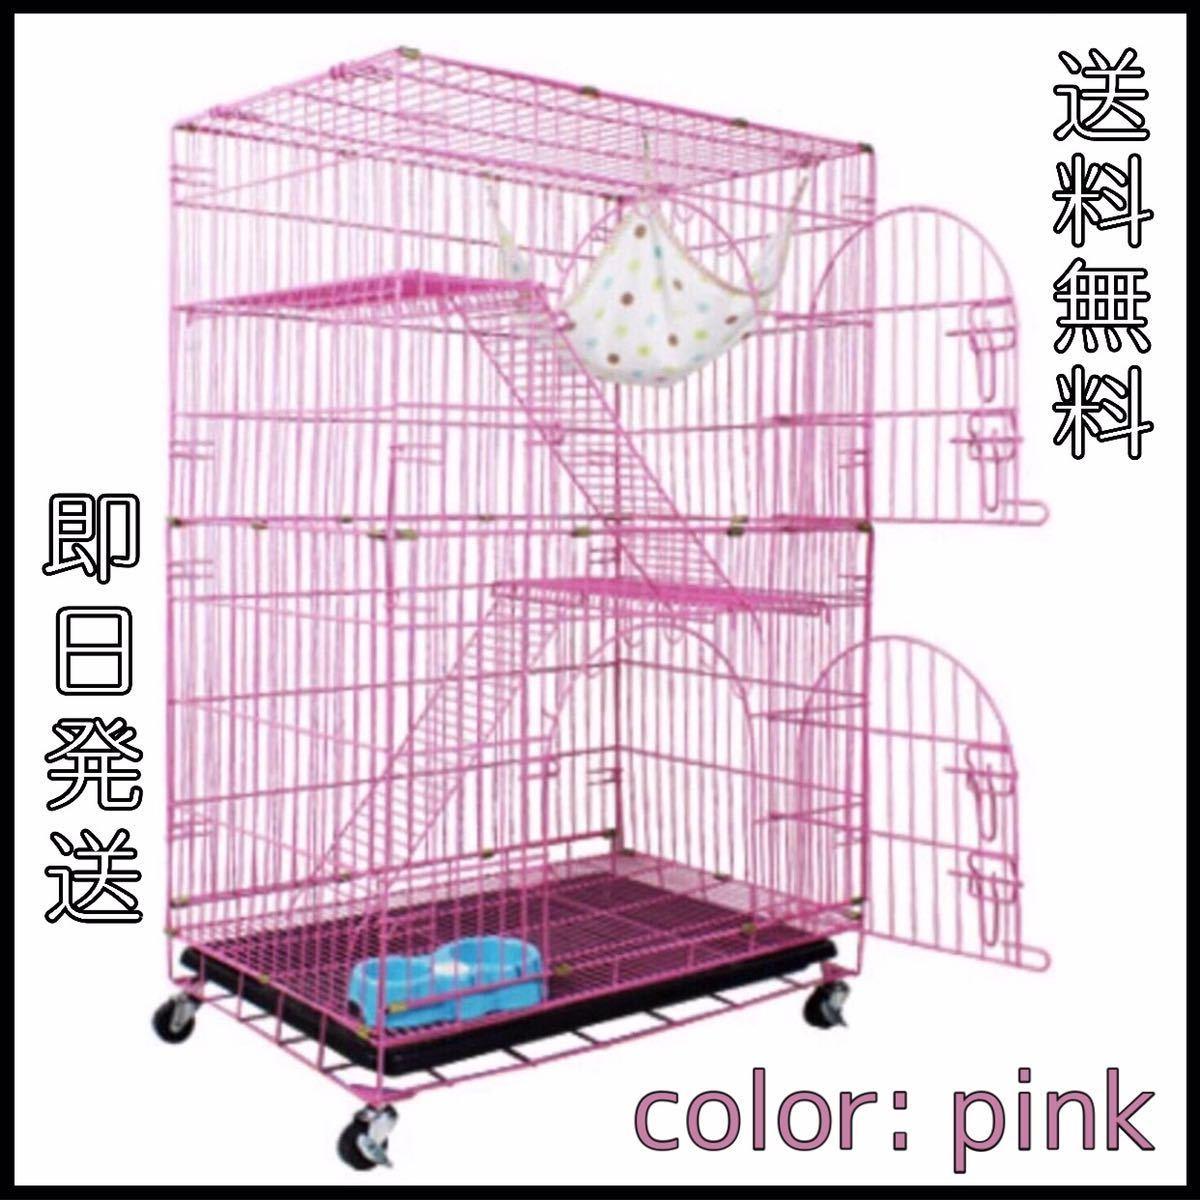 猫ケージ キャットケージ ペットケージ キャットハウス フェンス サークル ピンク 折りたたみ式 2段 3段 ハンモック付 小動物ケージ ゲージ